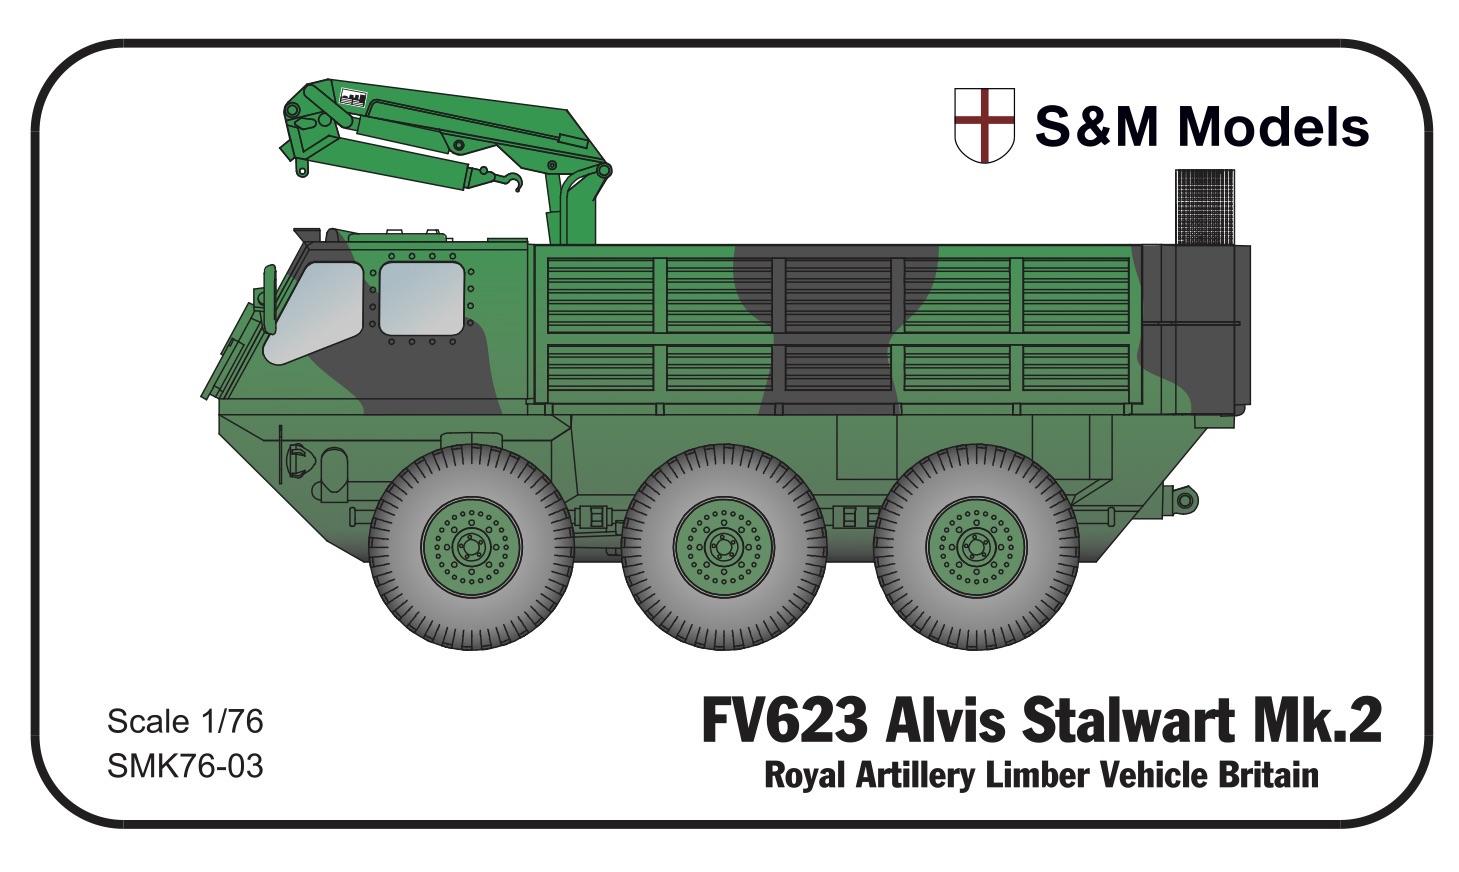 SMK76-03